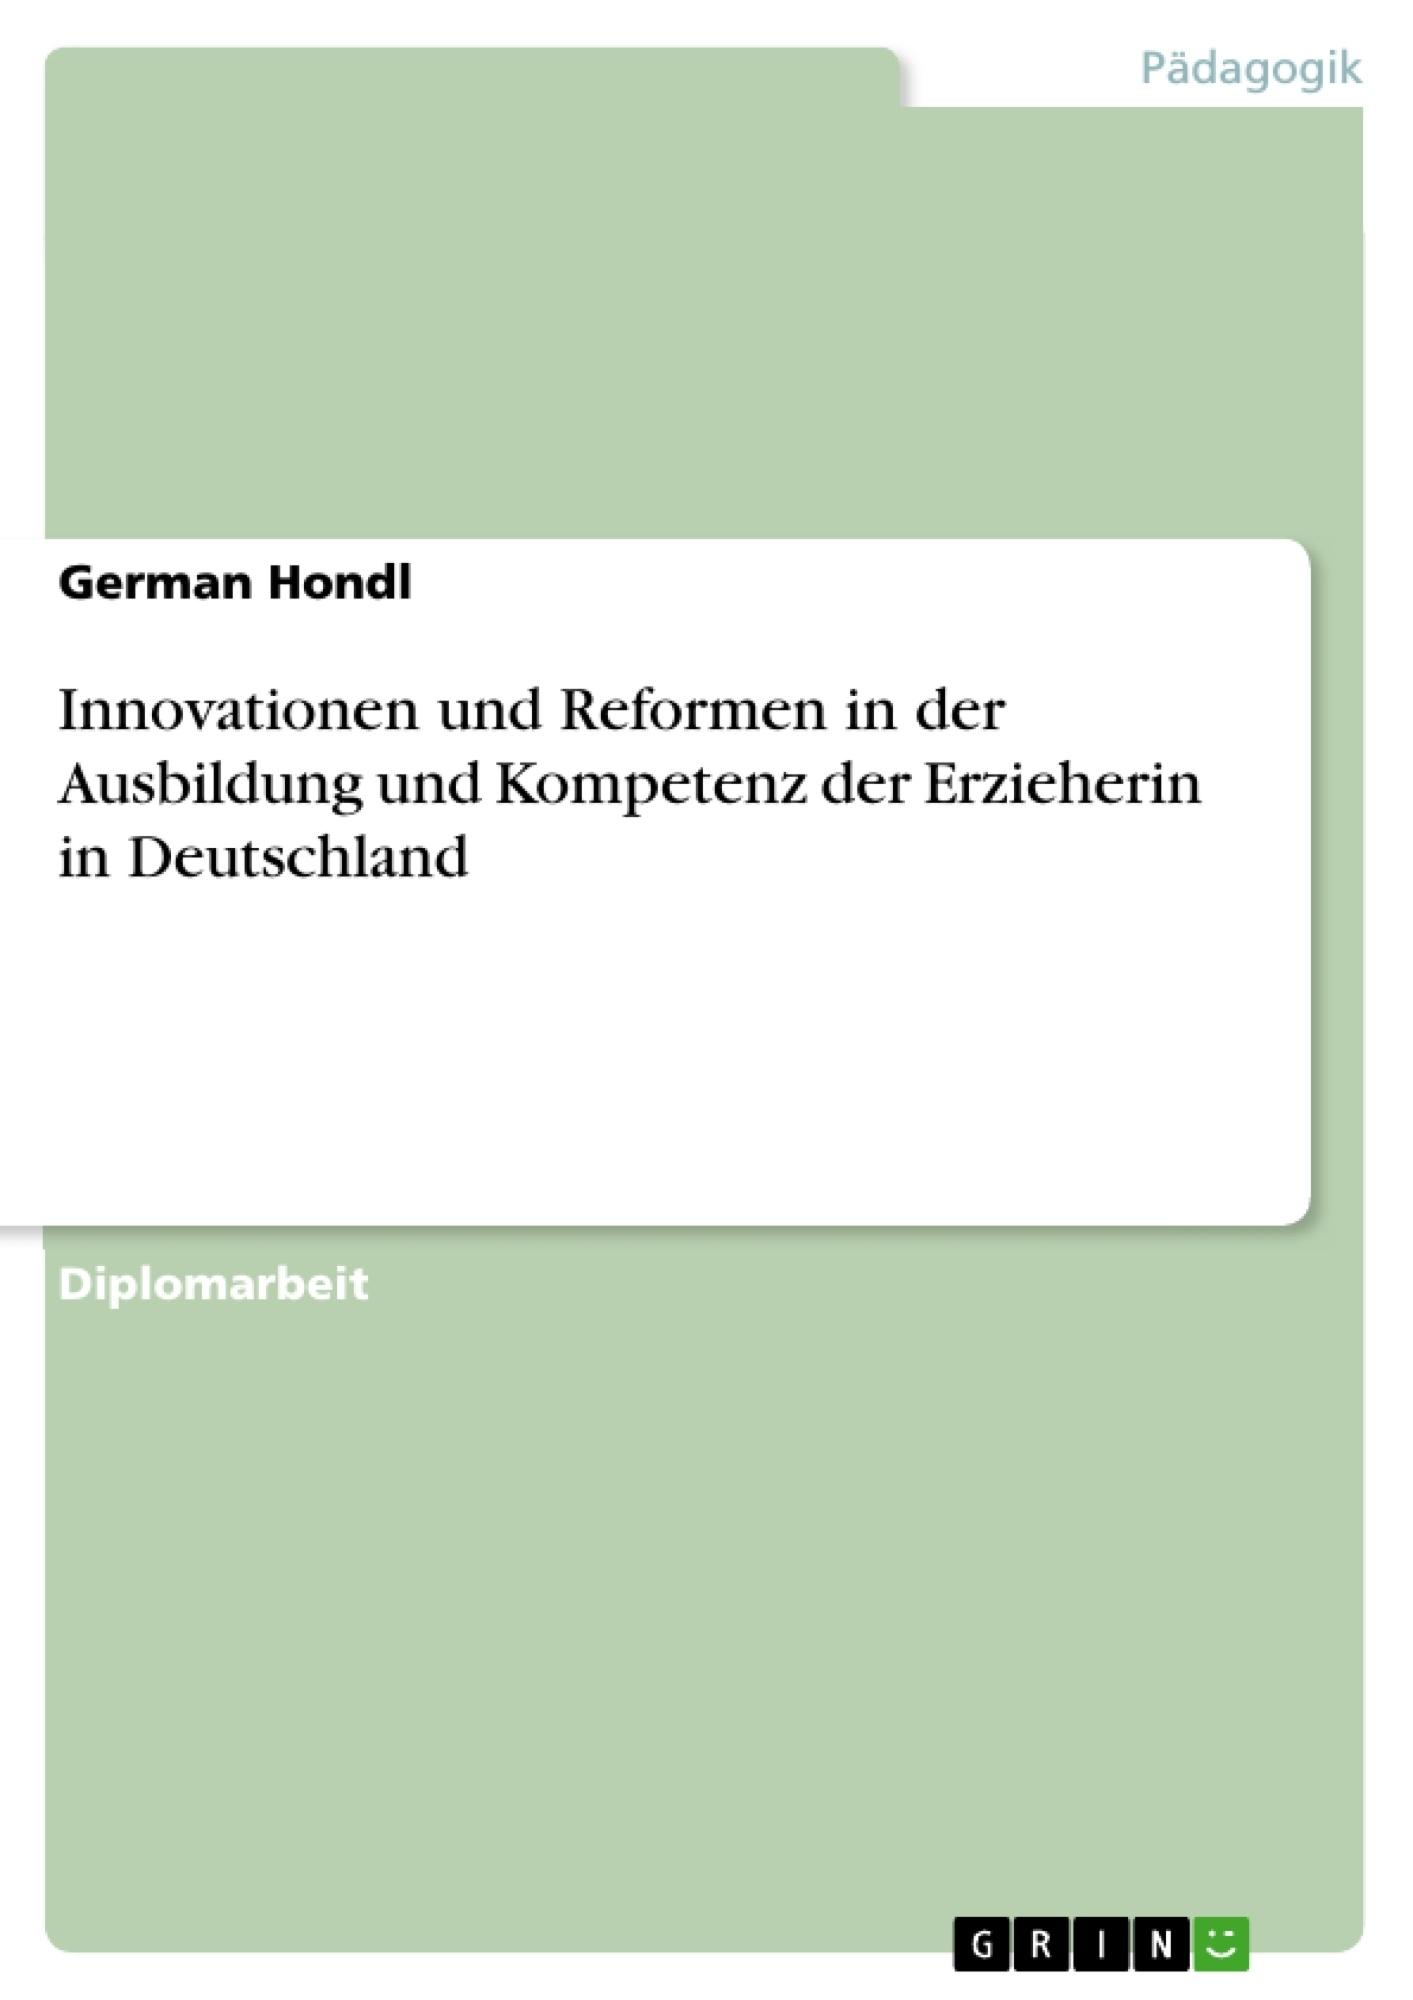 Titel: Innovationen und Reformen in der Ausbildung und Kompetenz der Erzieherin in Deutschland